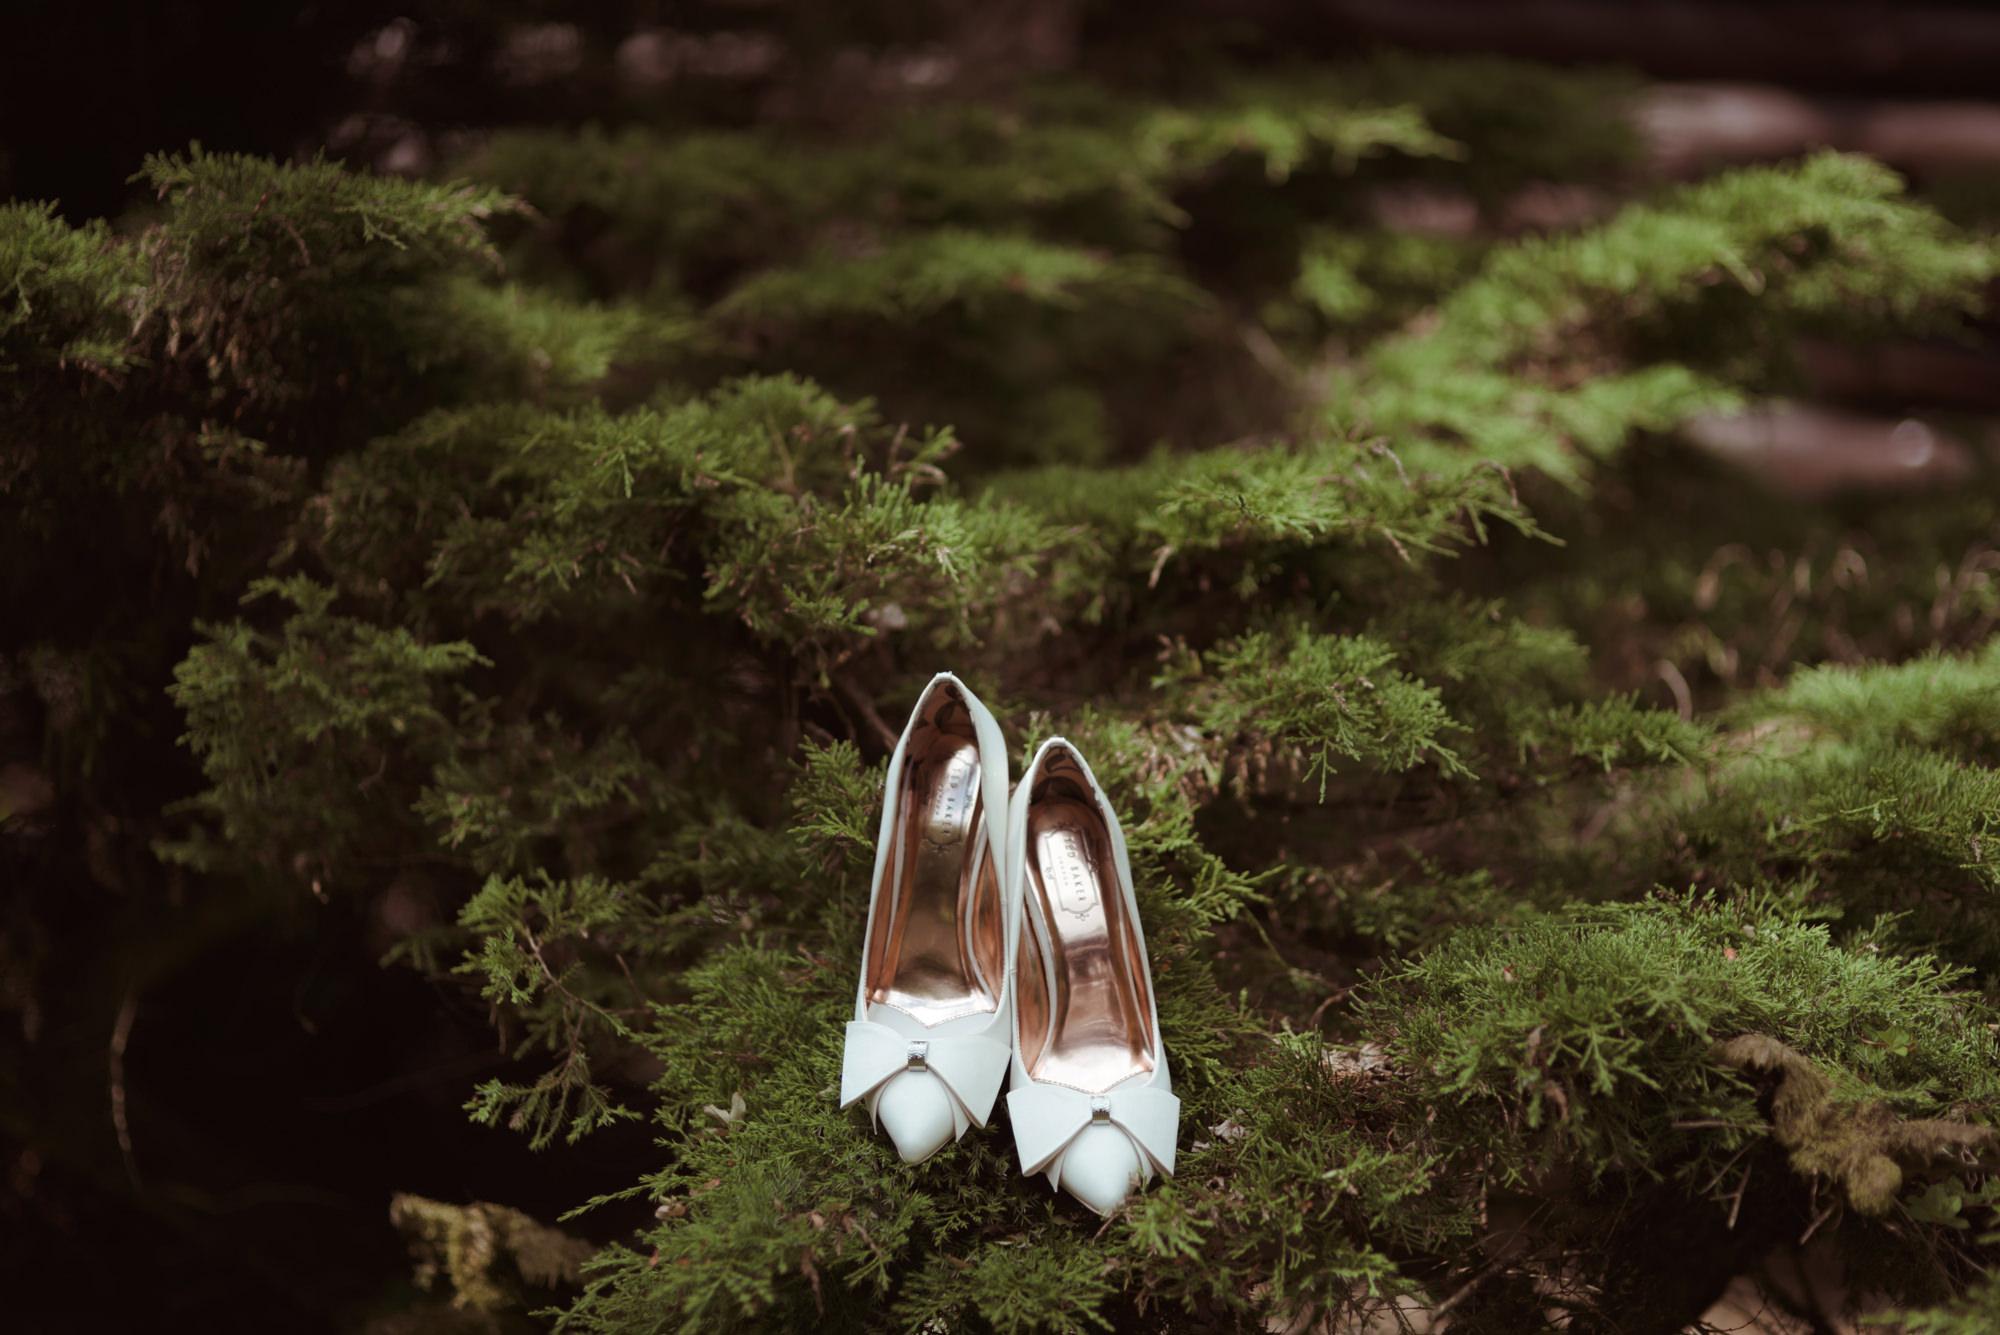 rustic-wedding-venue-near-glasgow.jpg